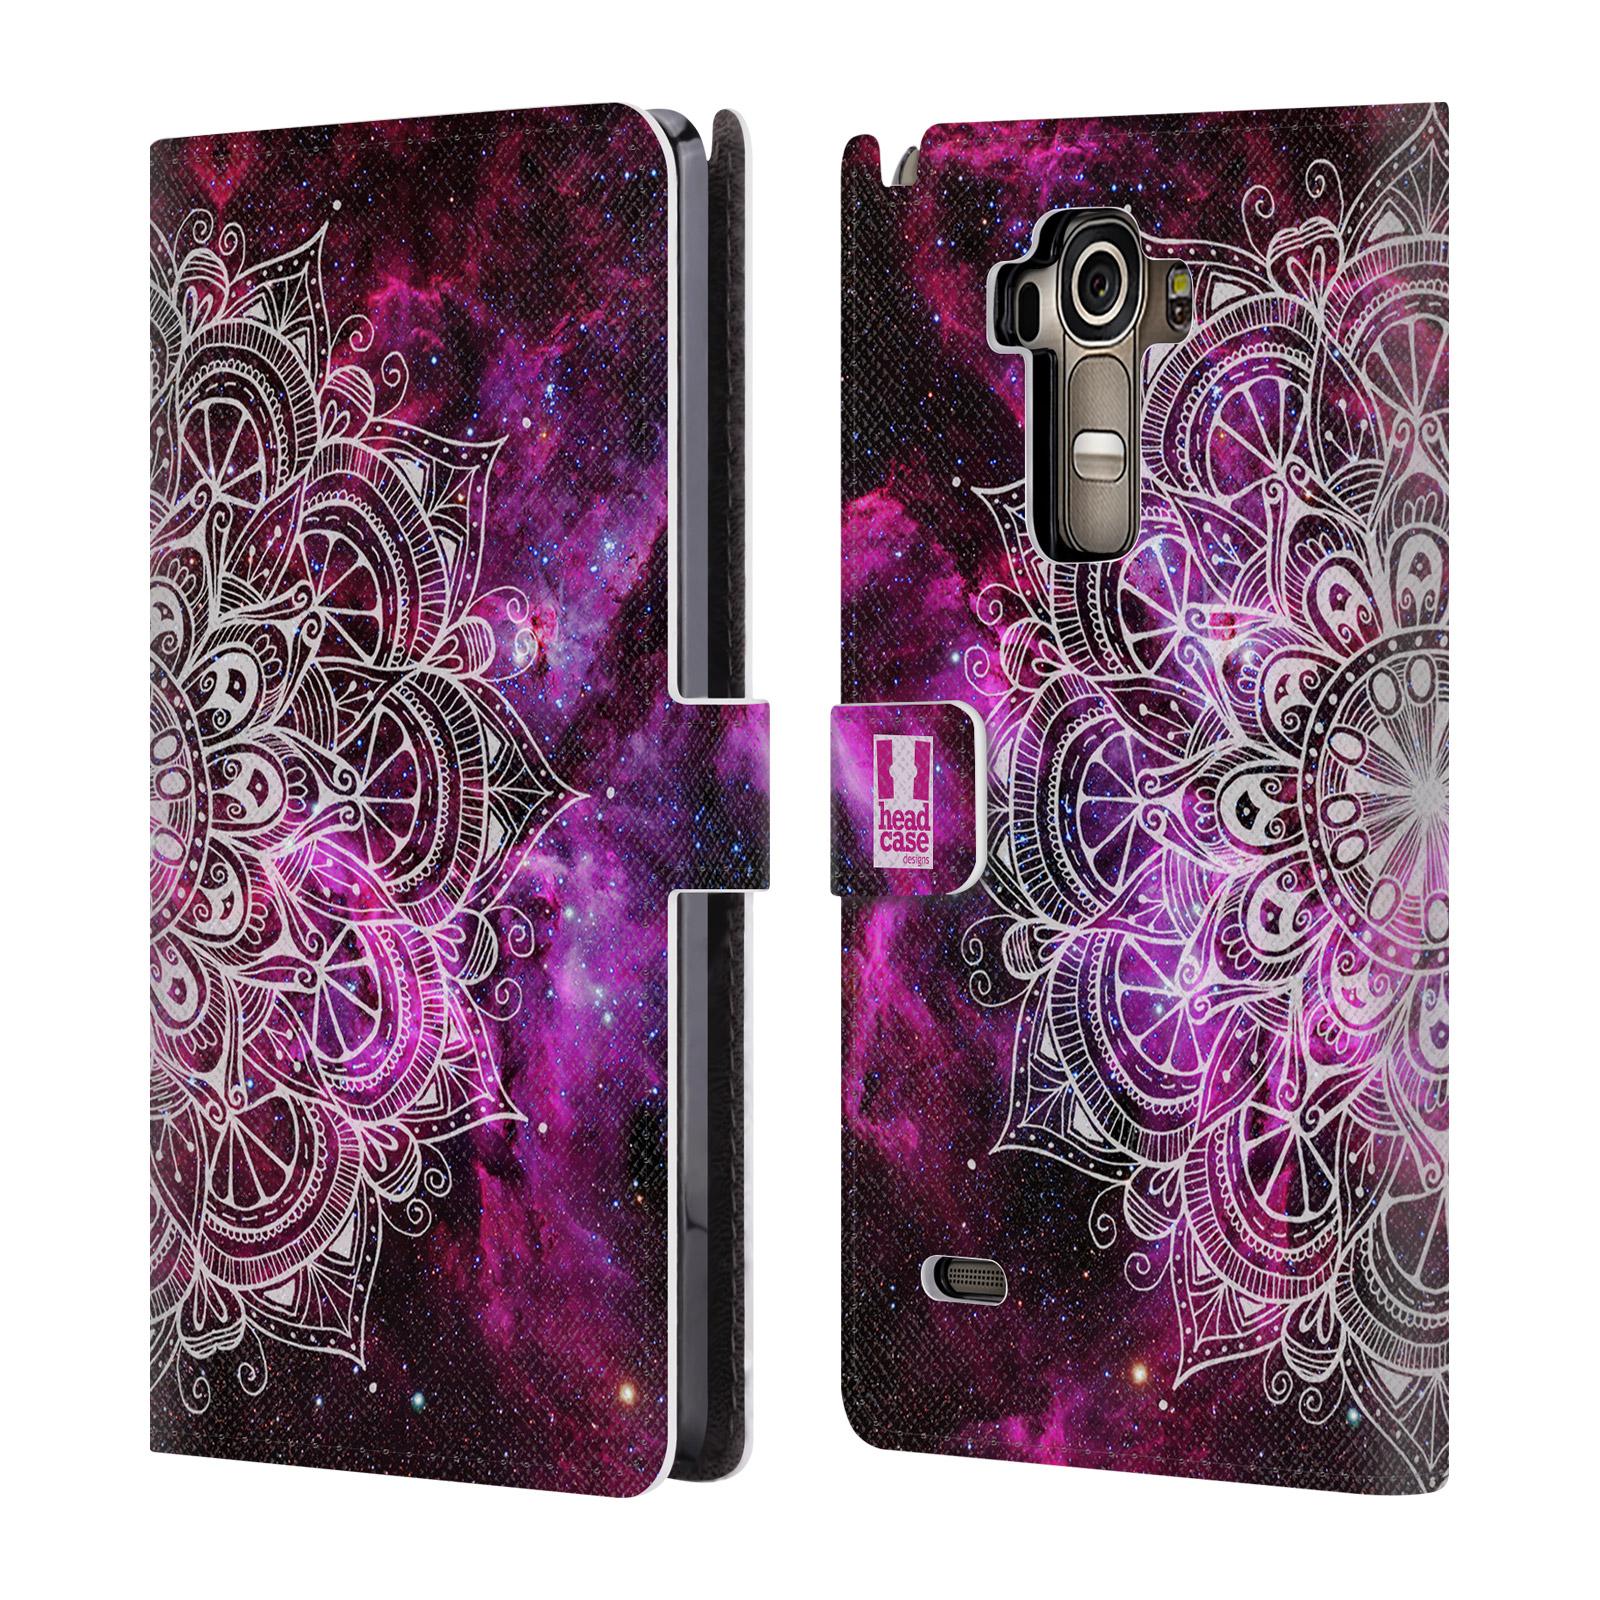 Flipové pouzdro na mobil LG G4 Stylus HEAD CASE Mandala Doodle Nebula (Flipový vyklápěcí kryt či obal z umělé kůže na mobilní telefon LG G4 Stylus H635)